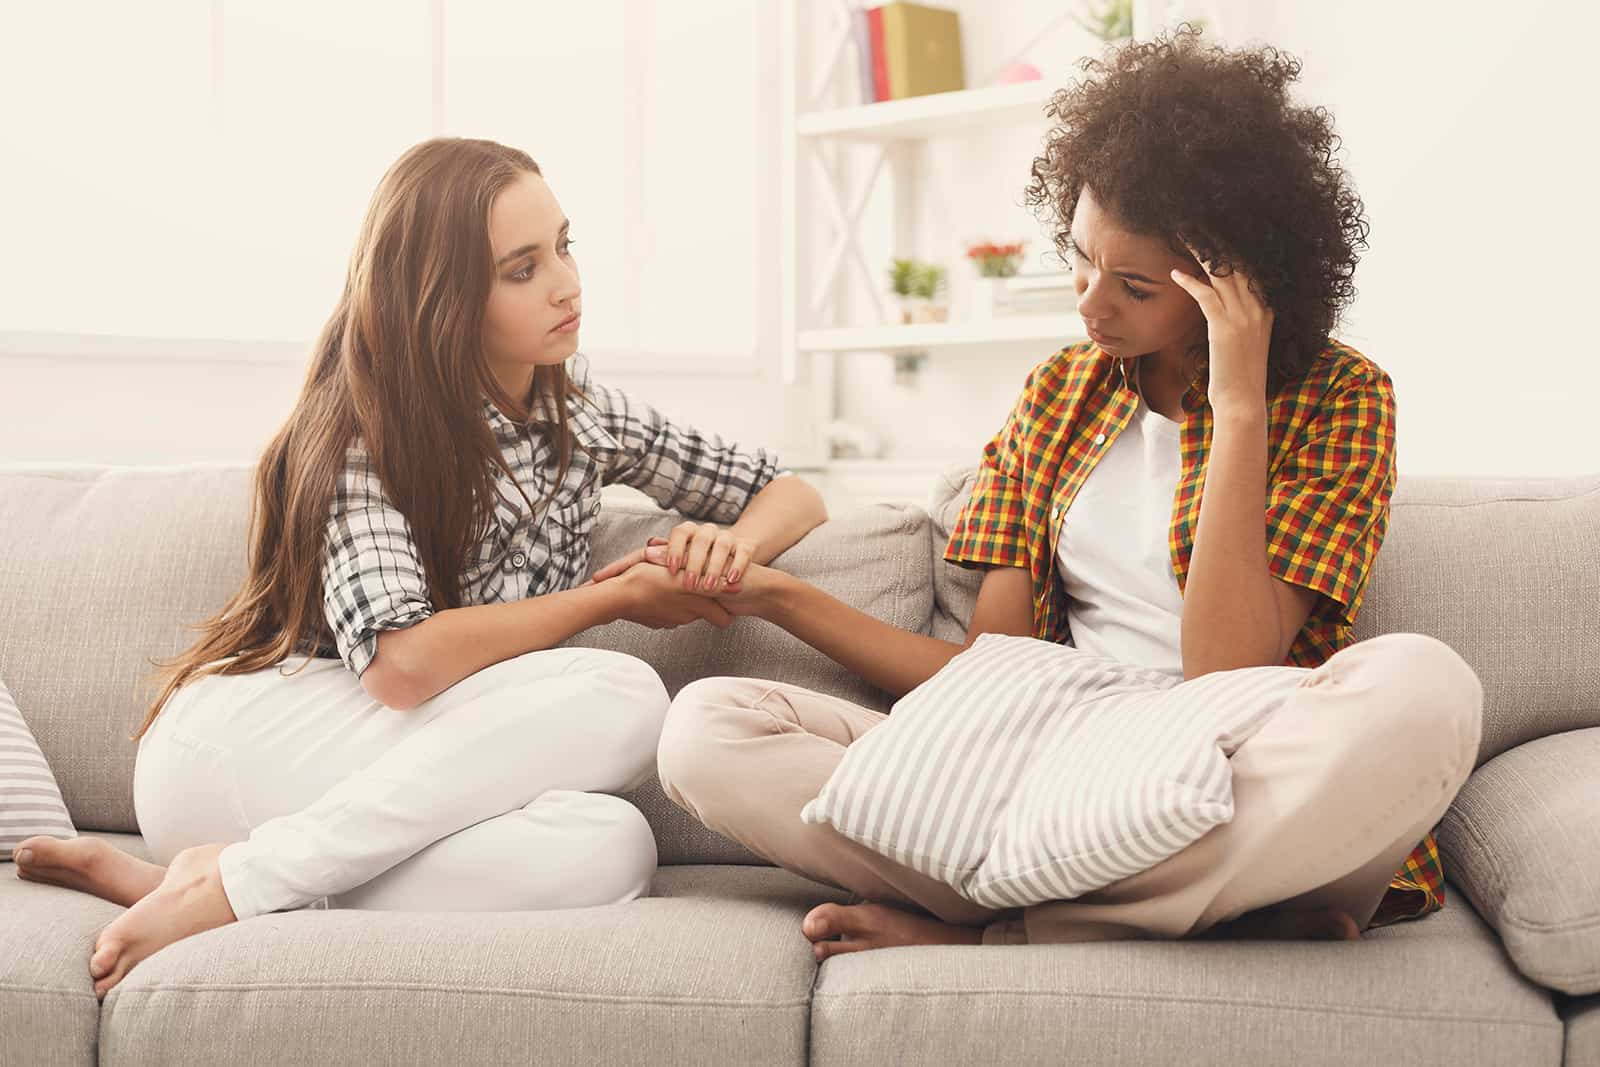 eine Frau, die ihre verzweifelte Freundin Hand hält, während sie auf der Couch sitzt